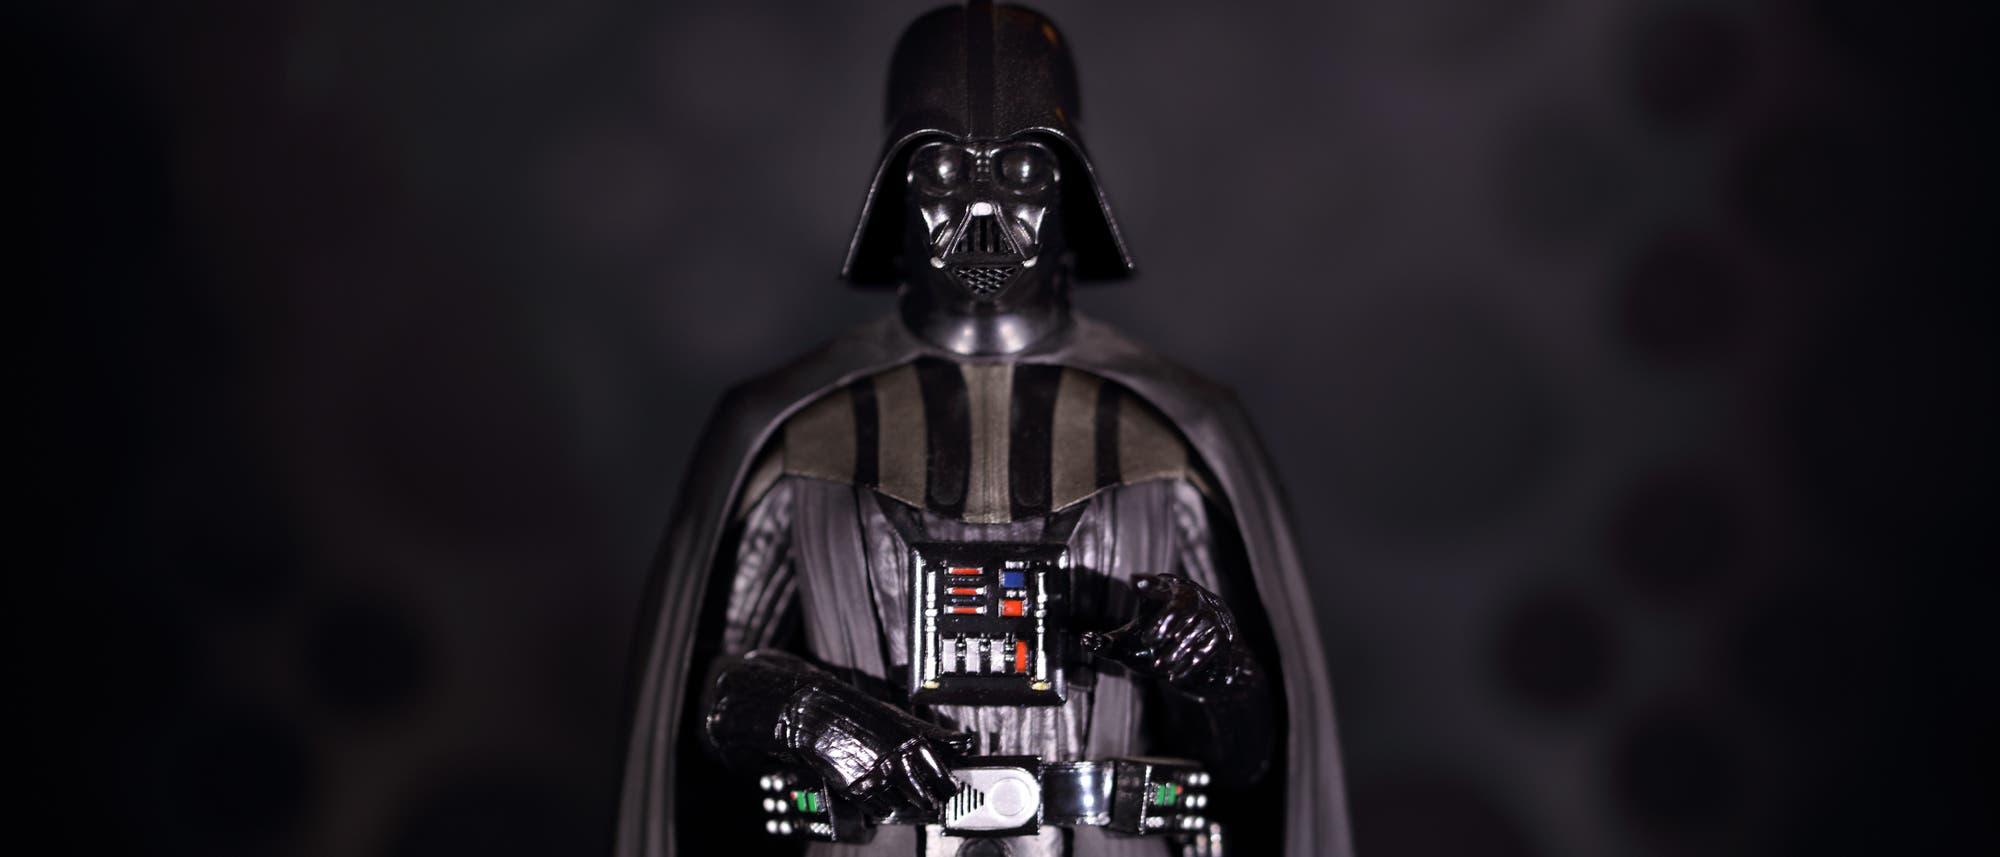 Mensch in Darth-Vader-Kostüm